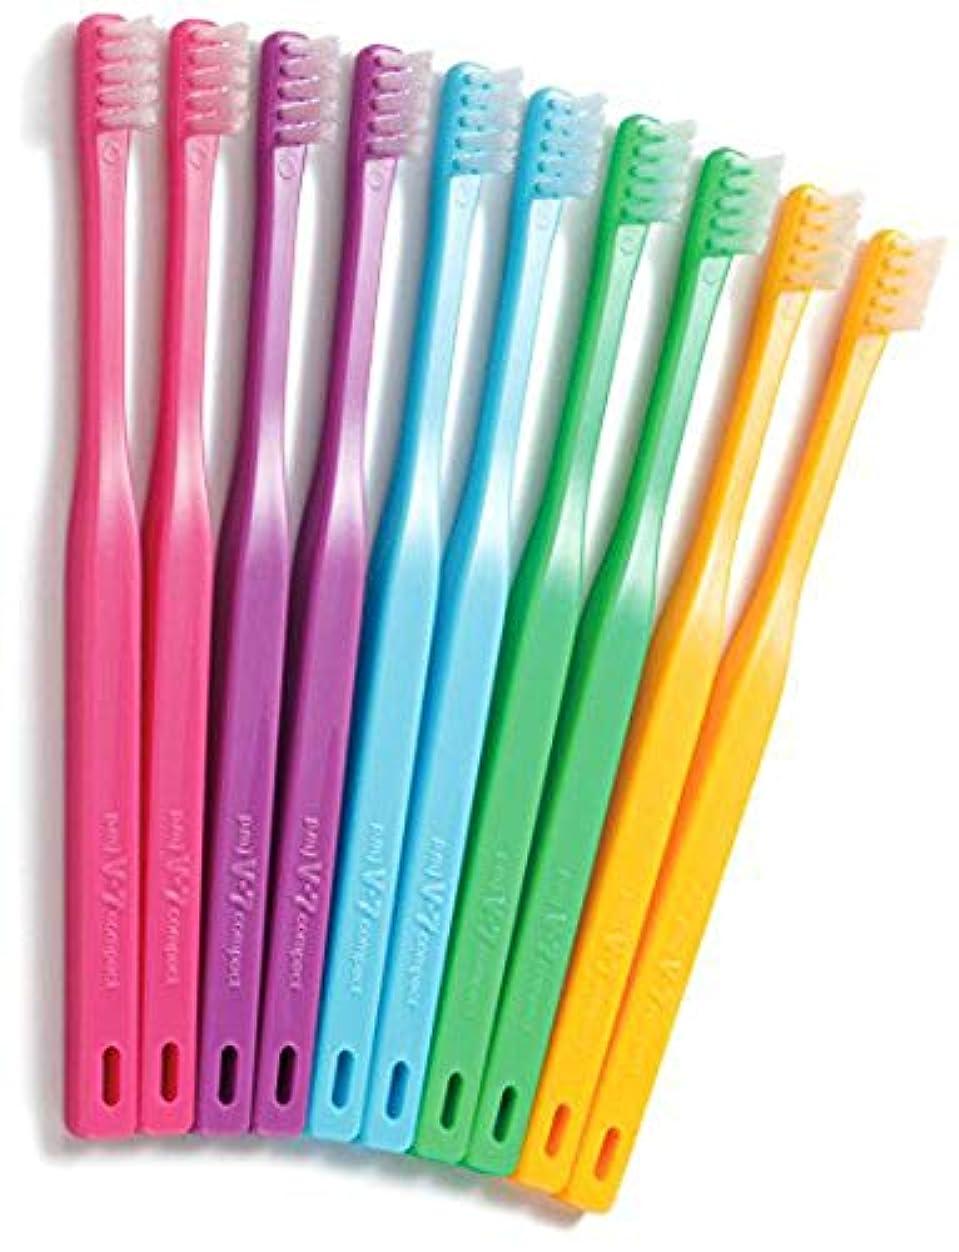 つまようじ法歯ブラシ V-7 コンパクトヘッド ビビッドカラー 5本